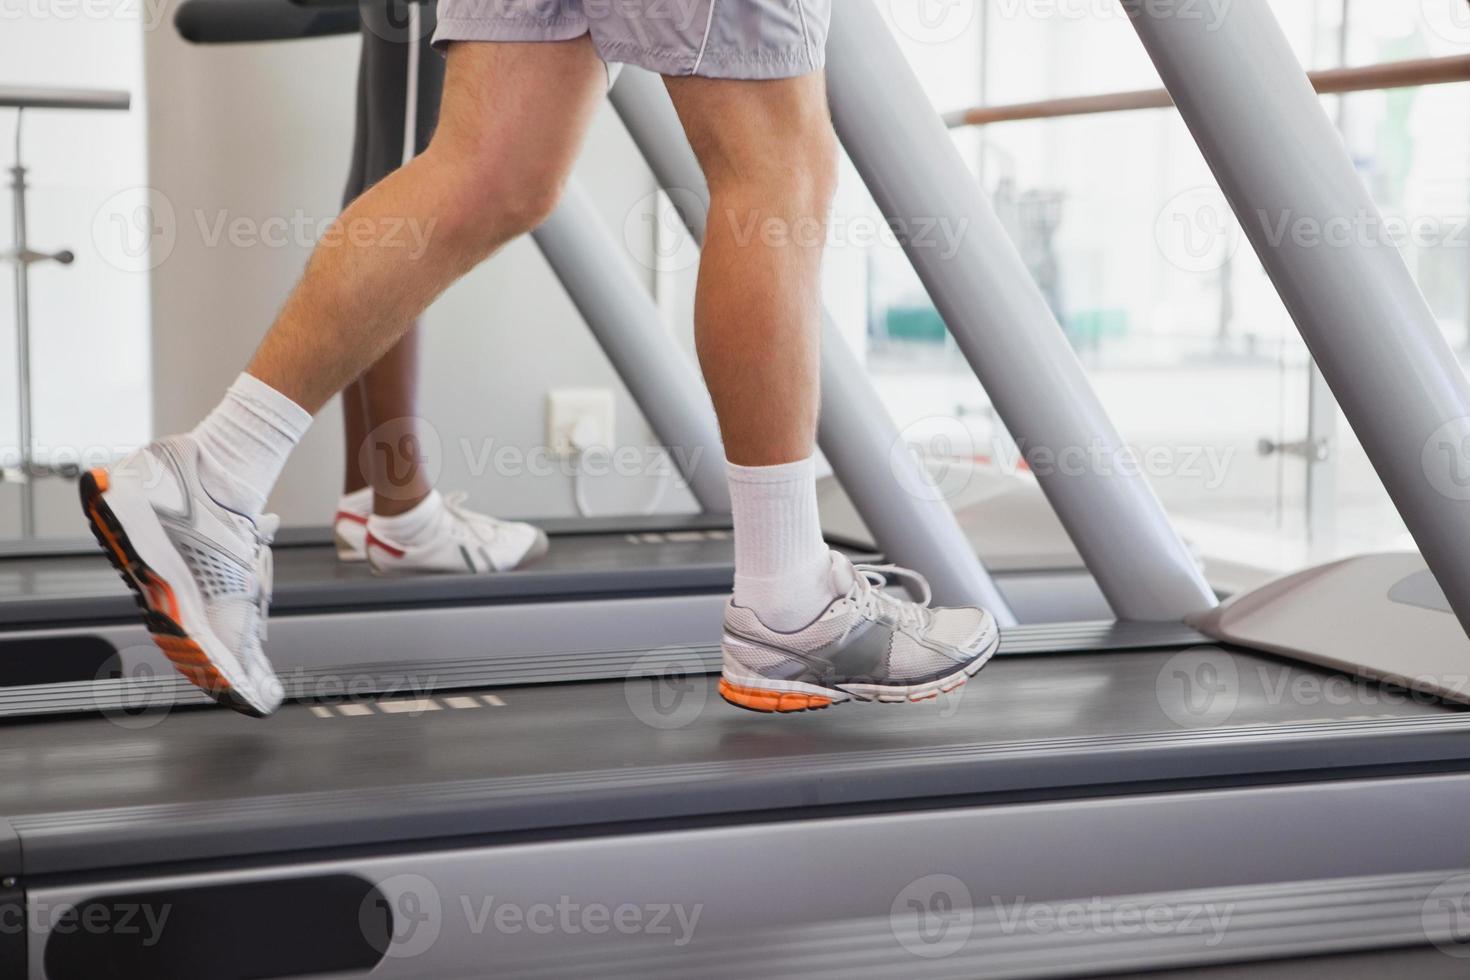 personas en forma corriendo en cintas de correr foto